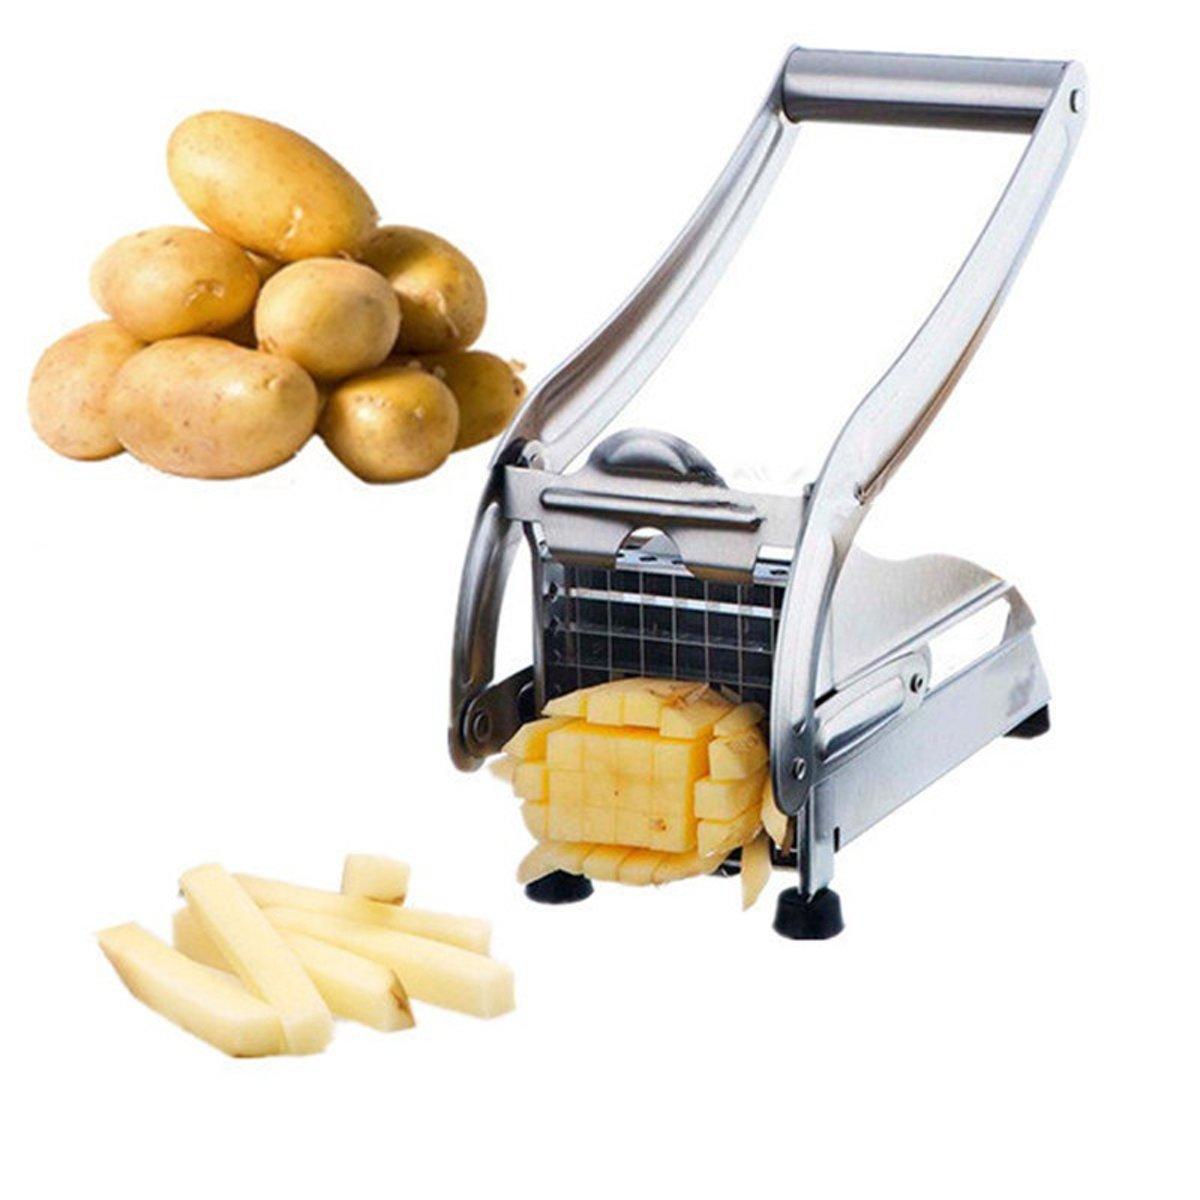 Patat Pers   Verse Aardappelen Persen kopen